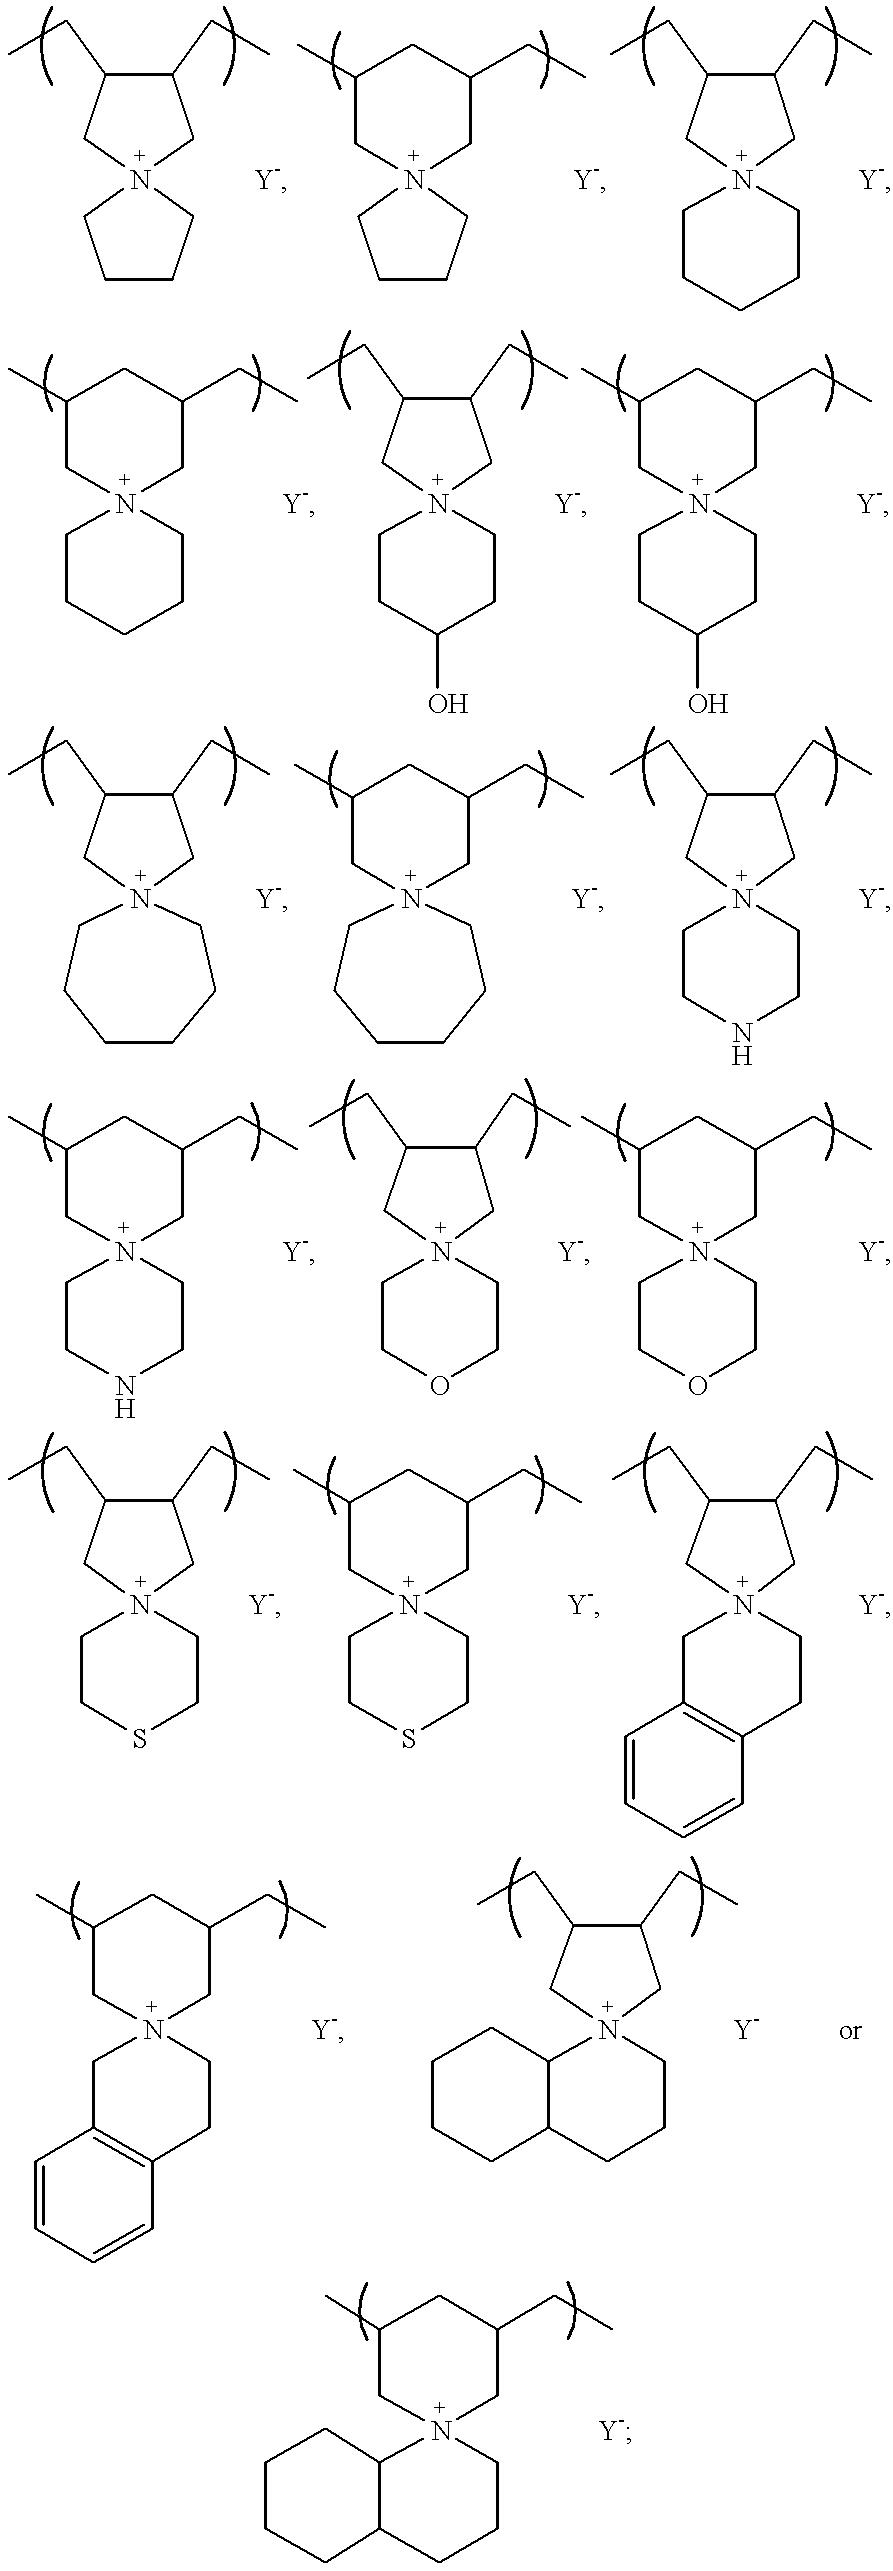 Figure US06271264-20010807-C00009